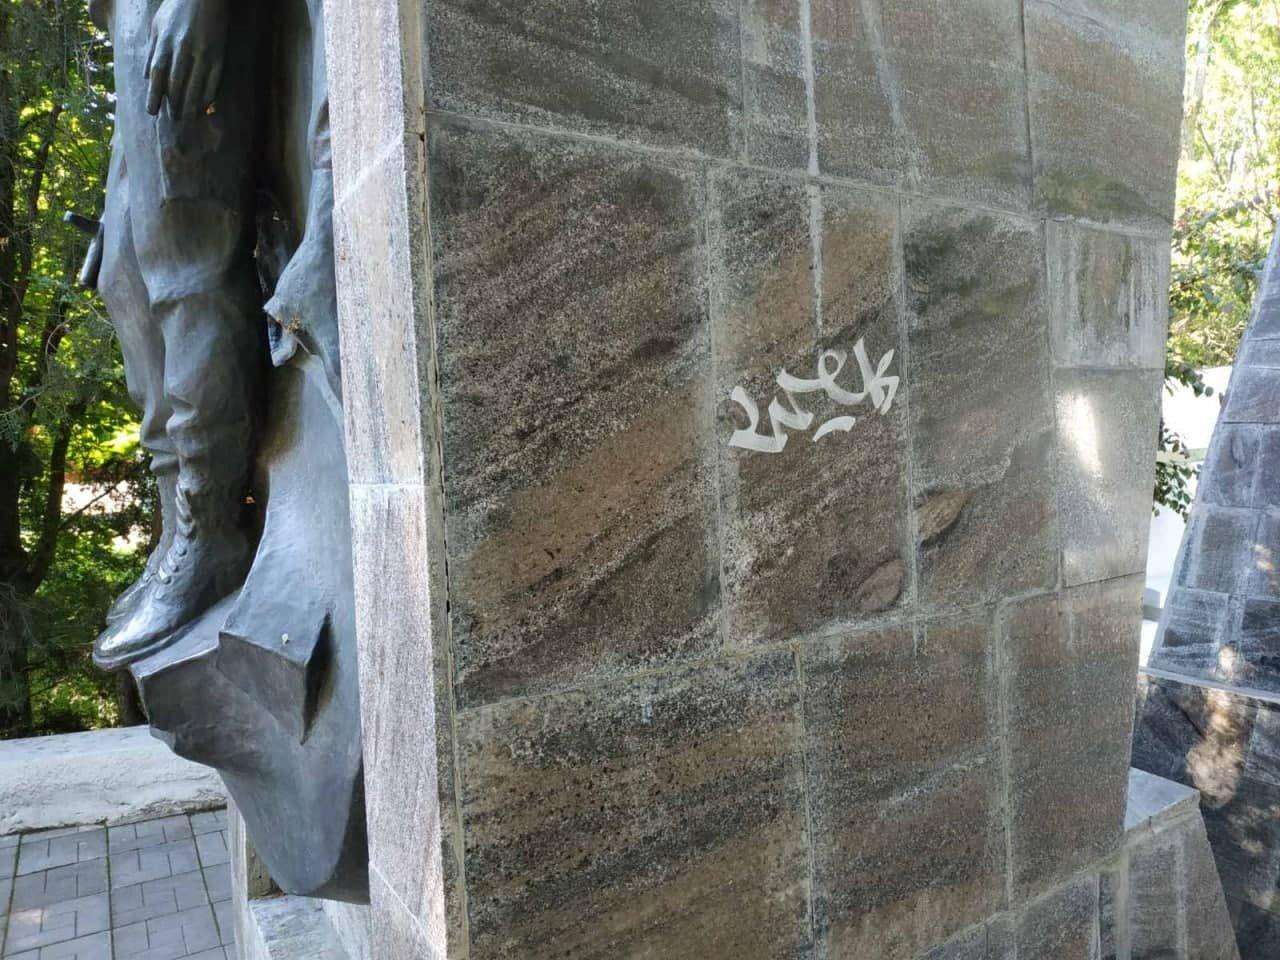 В Одессе вандалы обрисовали памятник воинам-интернационалистам, - ФОТО, фото-3